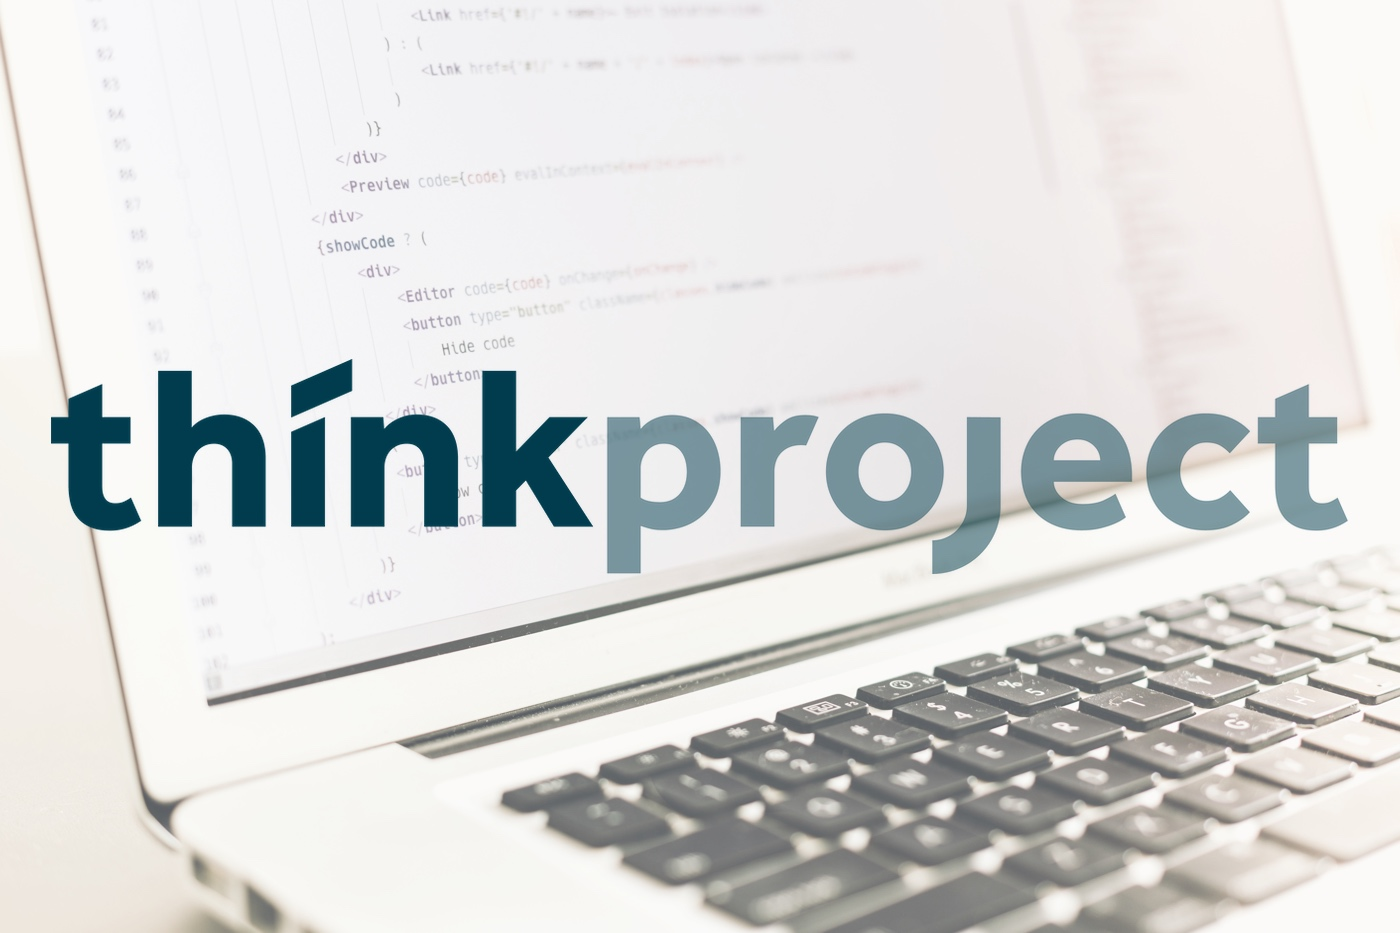 Mit der Akquisition der Olmero AG avanciert die Schweiz zum global viertgrößten Markt für thinkproject (Logo thinkproject; Hintergrundbild: Artem Sapegin / Unsplash)